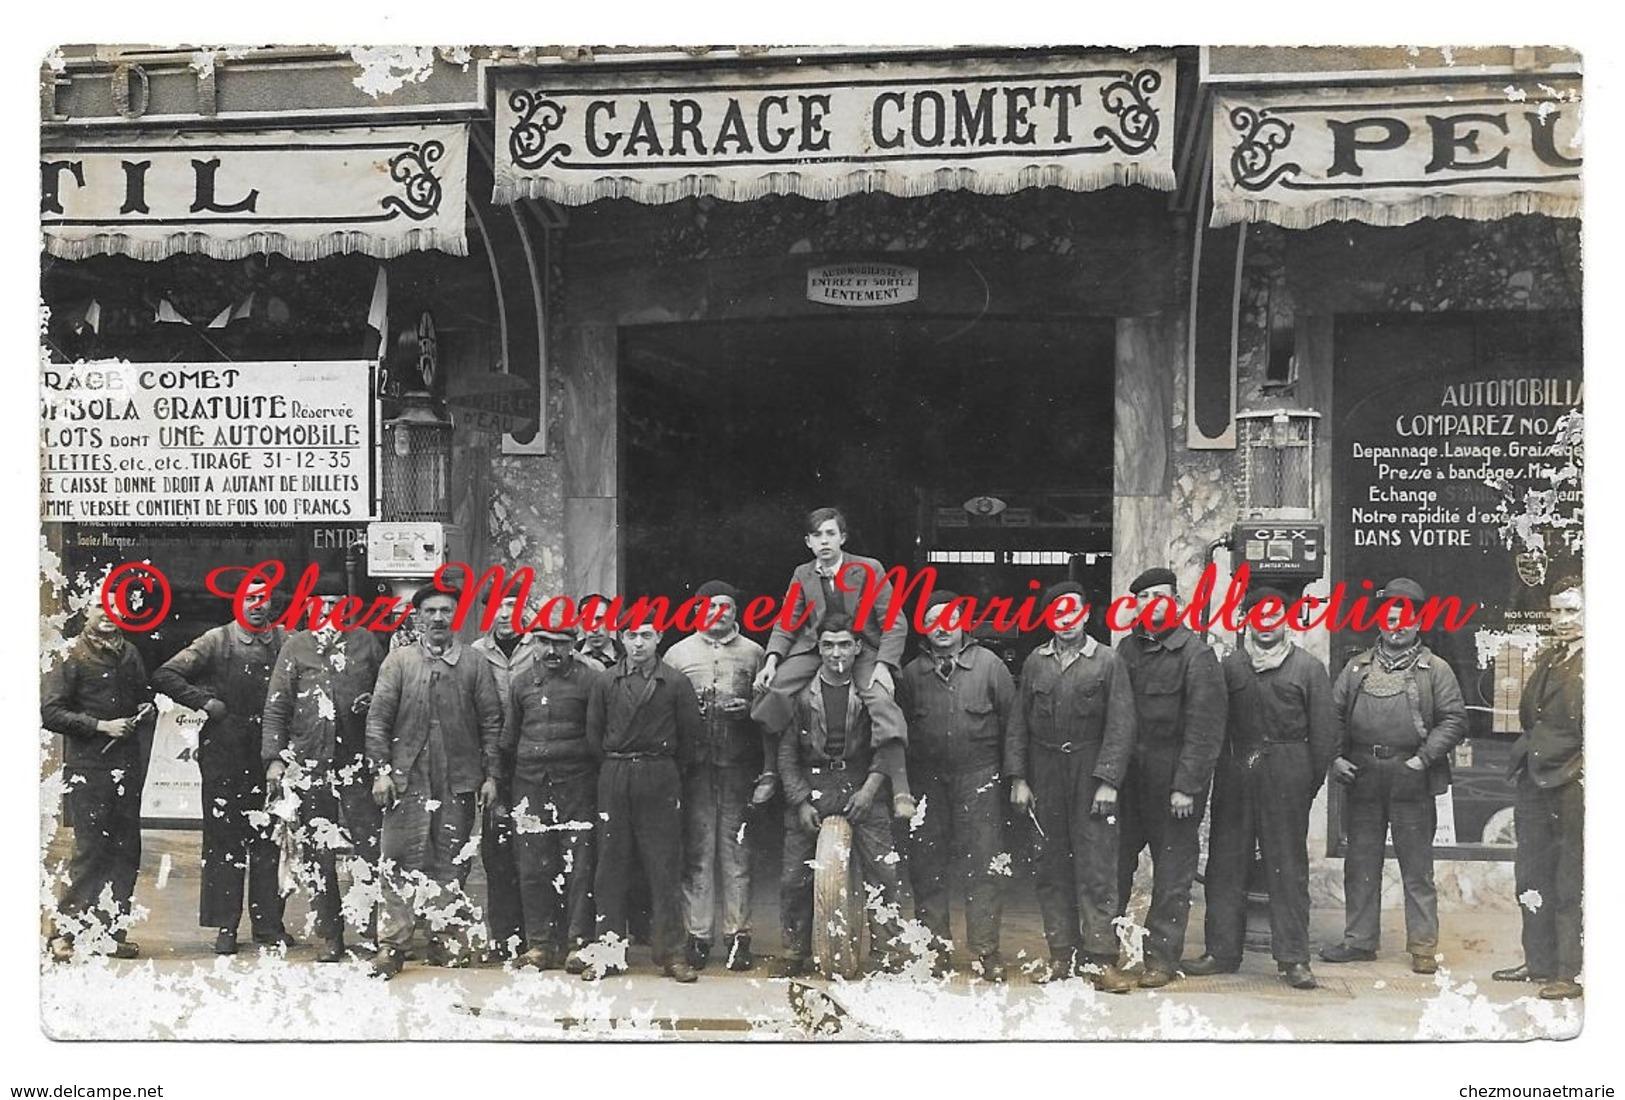 GARAGE AUTOMOBILE COMET - PEUGEOT - POMPE GEX ASTER PARIS - CARTE PHOTO A SITUER PEUT ETRE SAINT GAUDENS HAUTE GARONNE - Magasins